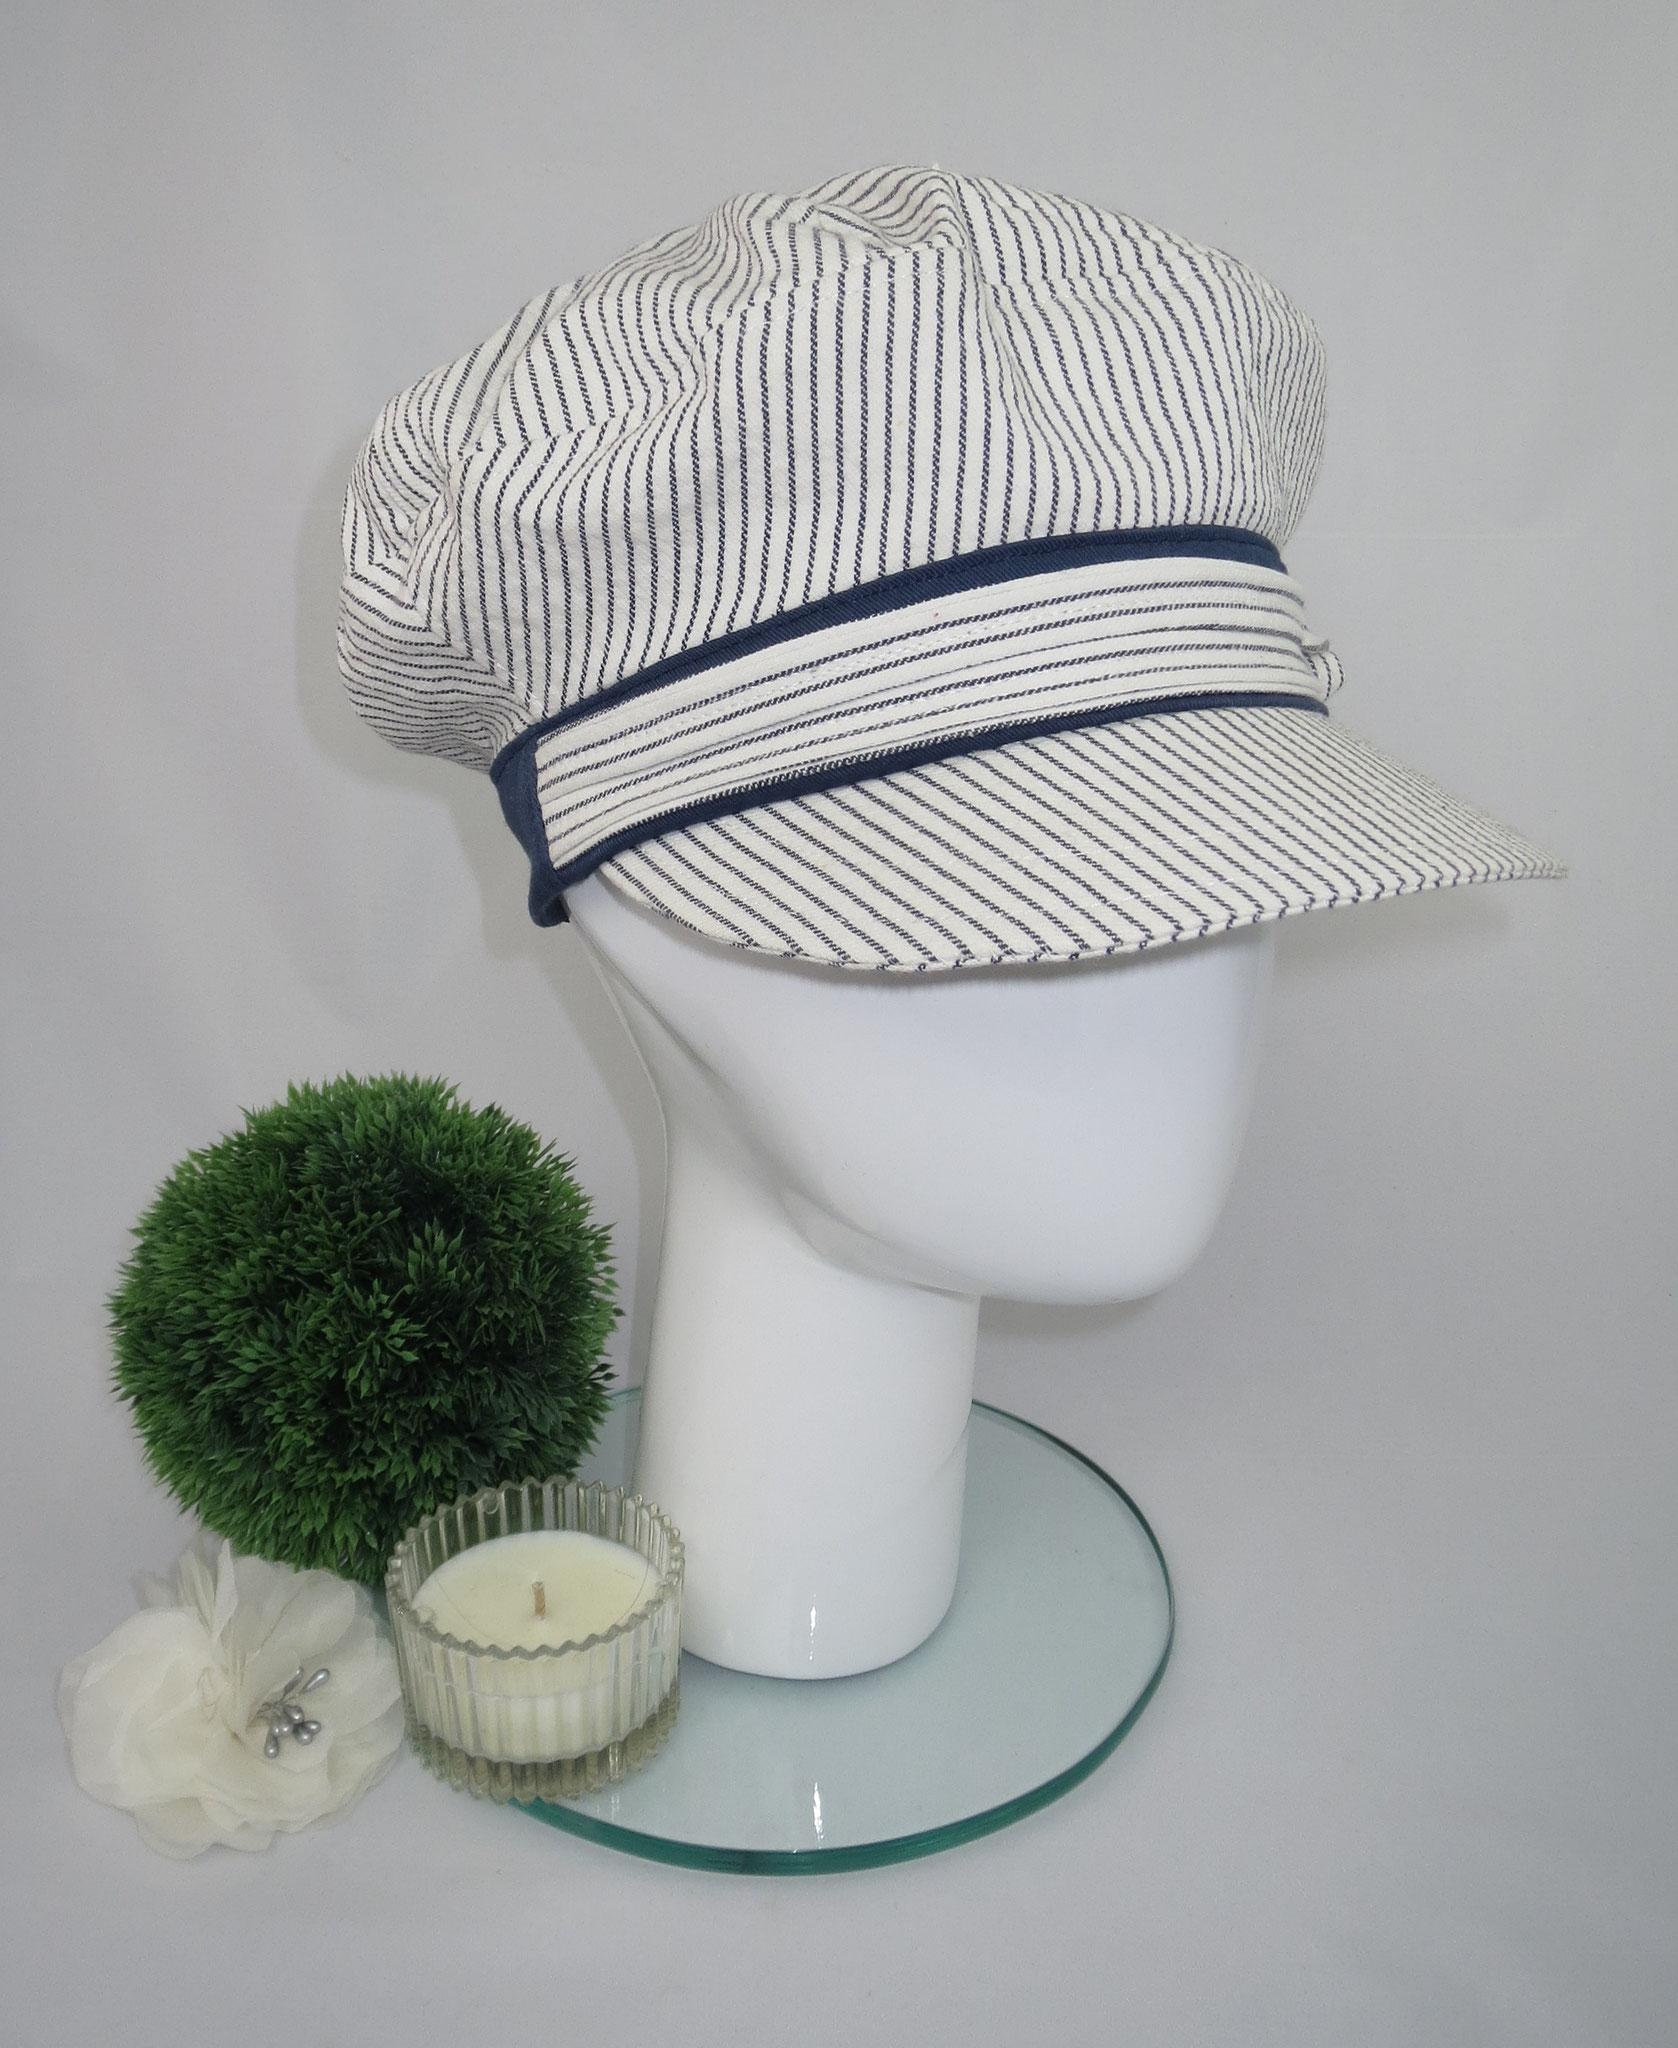 Schimü_06, Baumwolljeans, Gummizug am Hinterkopf, in jeder gewünschten Kopfgröße herstellbar, Preis: 49,90 €